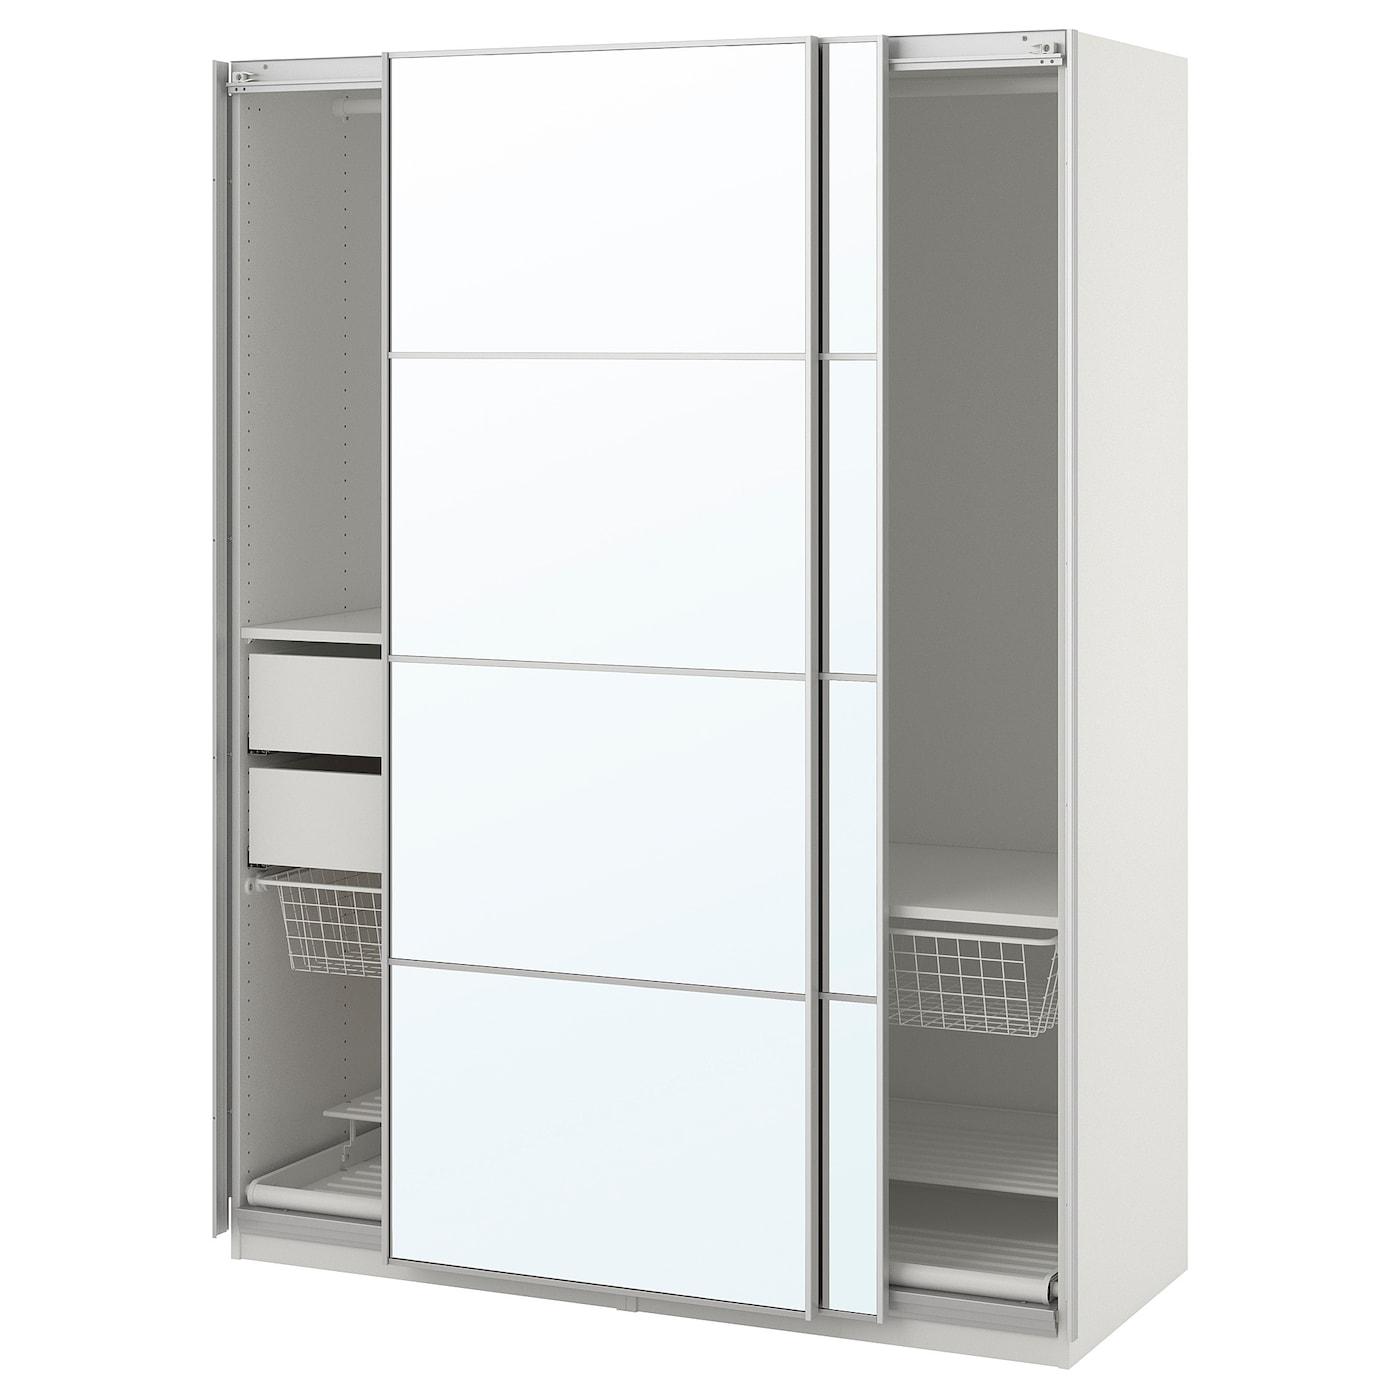 Pax armario blanco auli espejo 150 x 66 x 201 cm ikea - Espejo blanco ikea ...